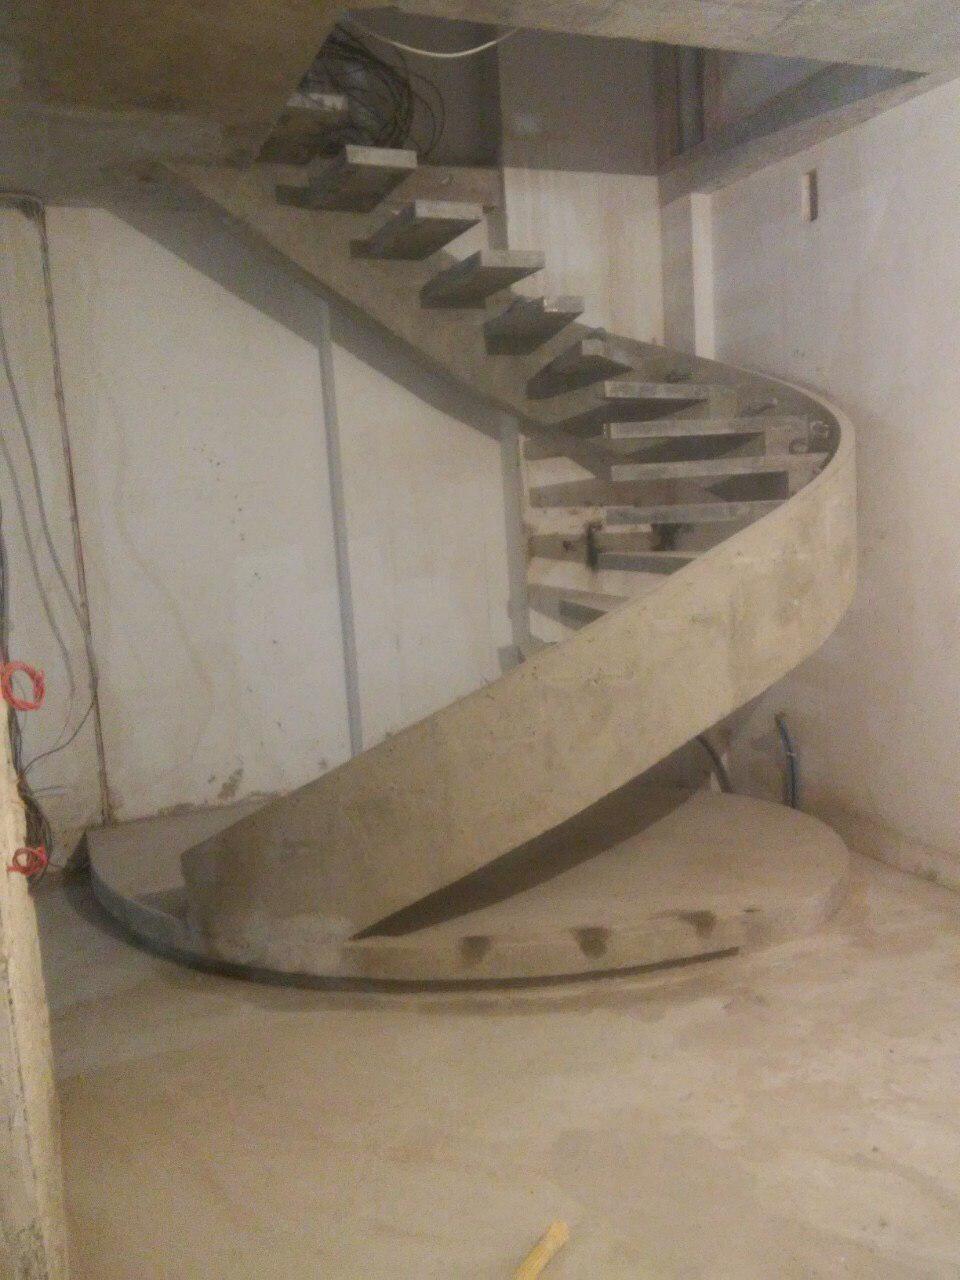 Полувинтовая лестница конструкции боковой косоур с бортом